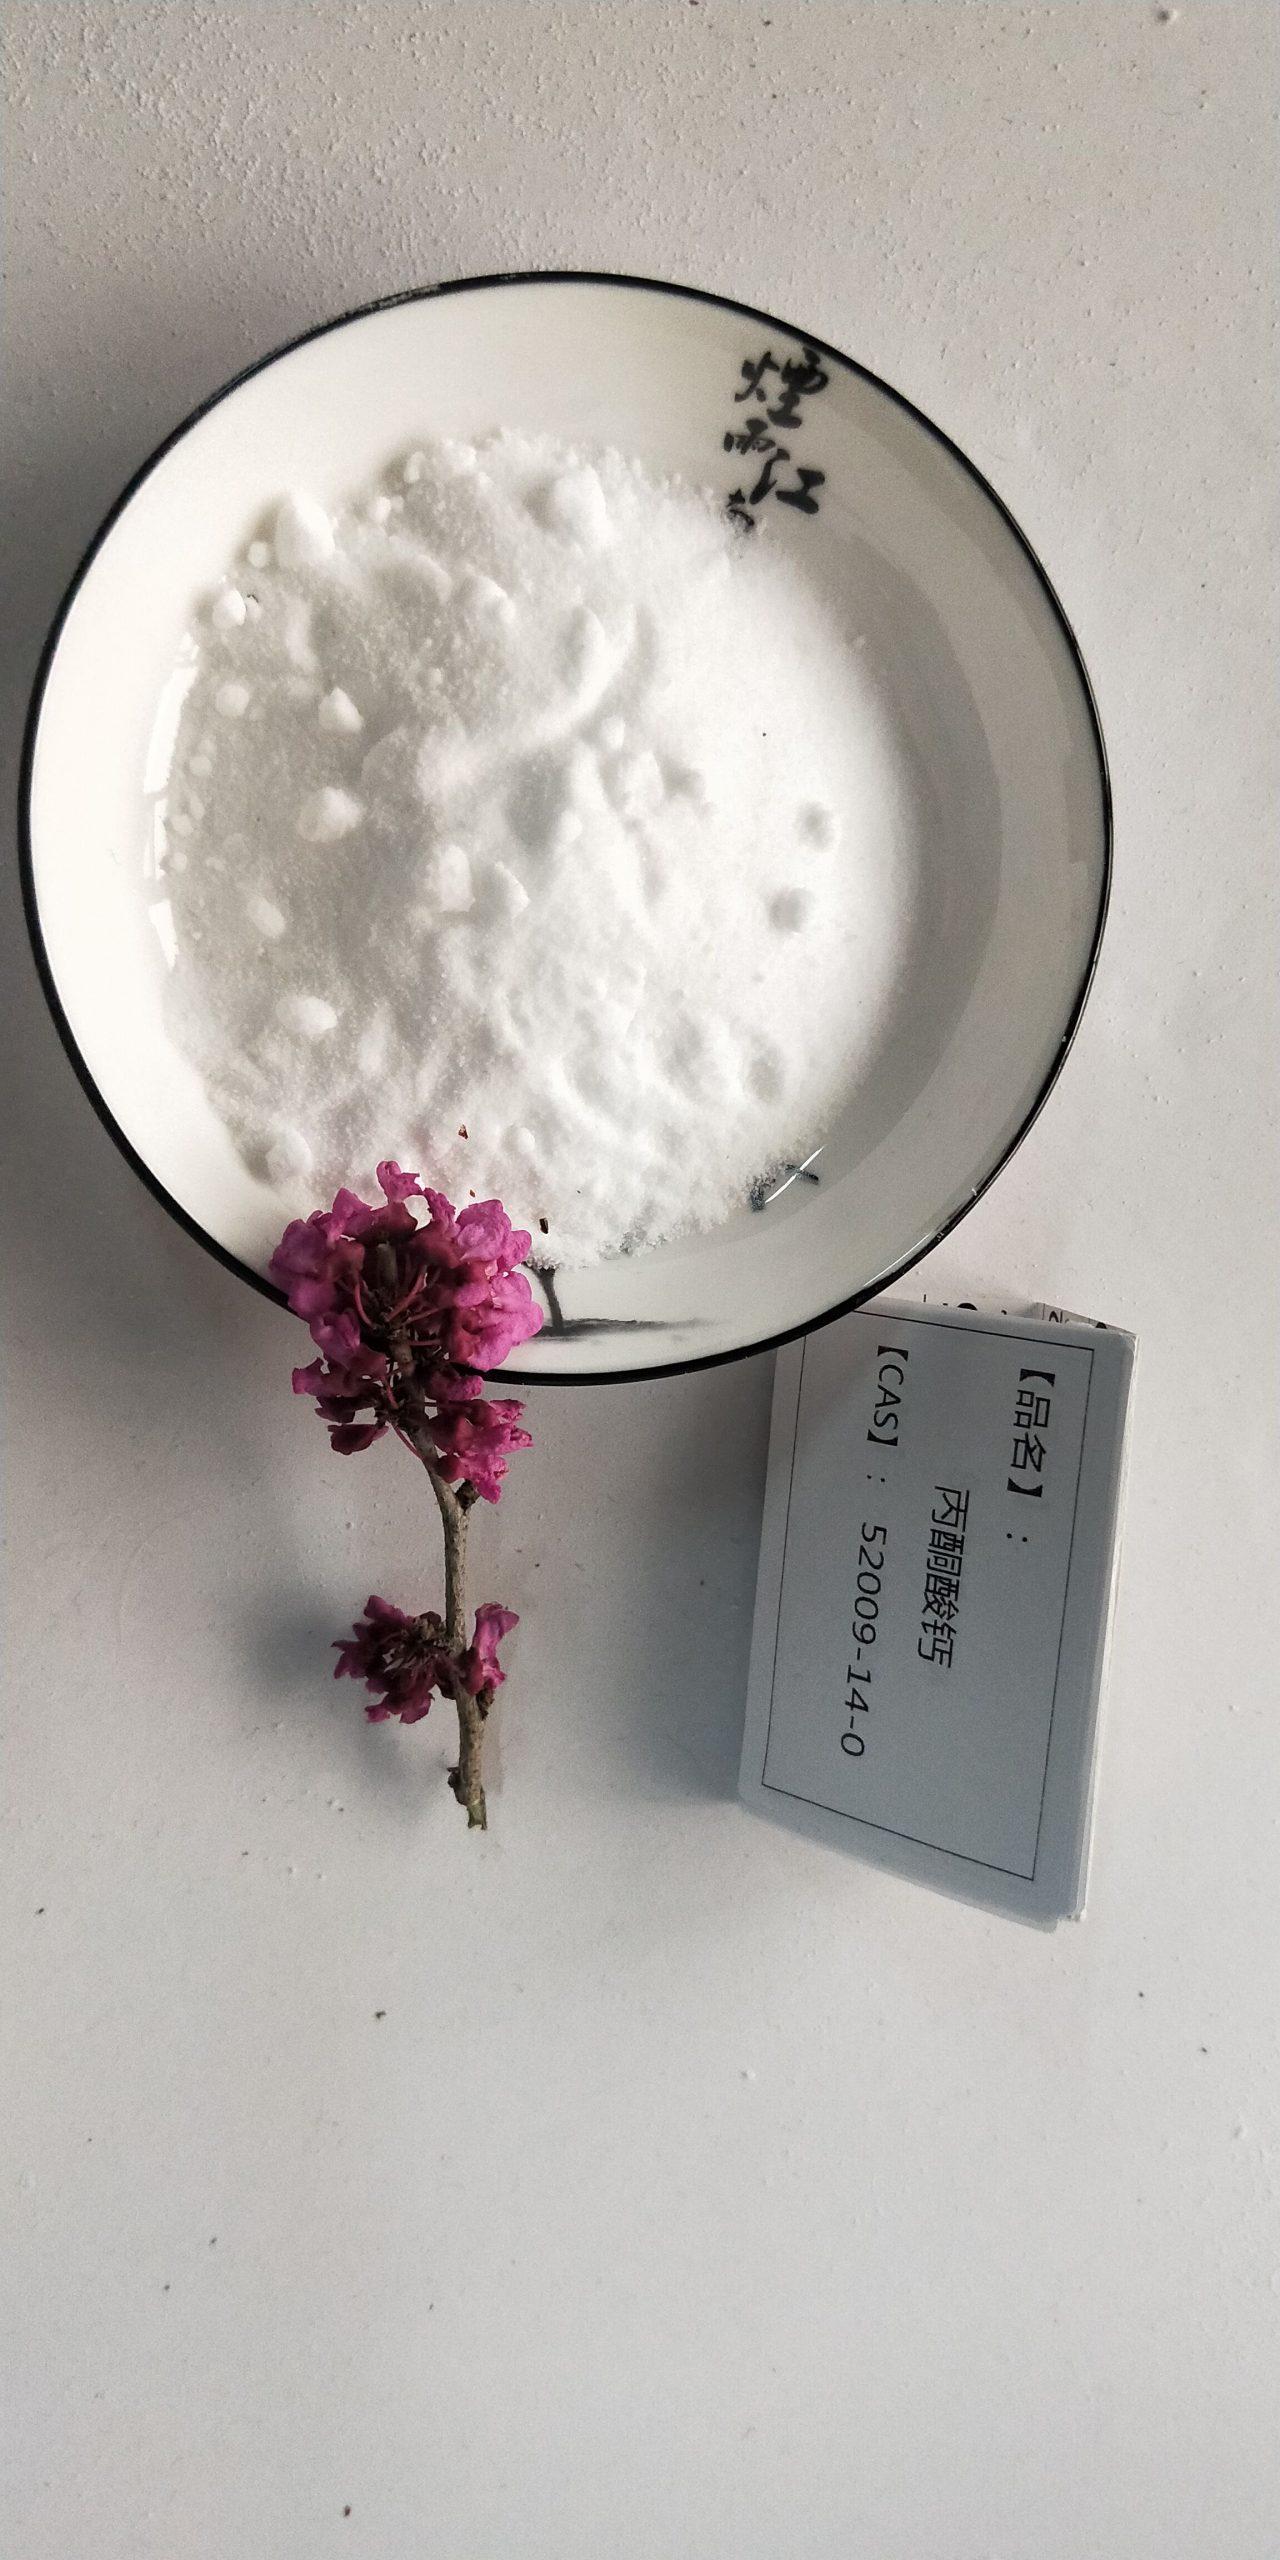 丙酮酸钙_品质保证丙酮酸钙52009-14-0现货   佳胜化工官方网站